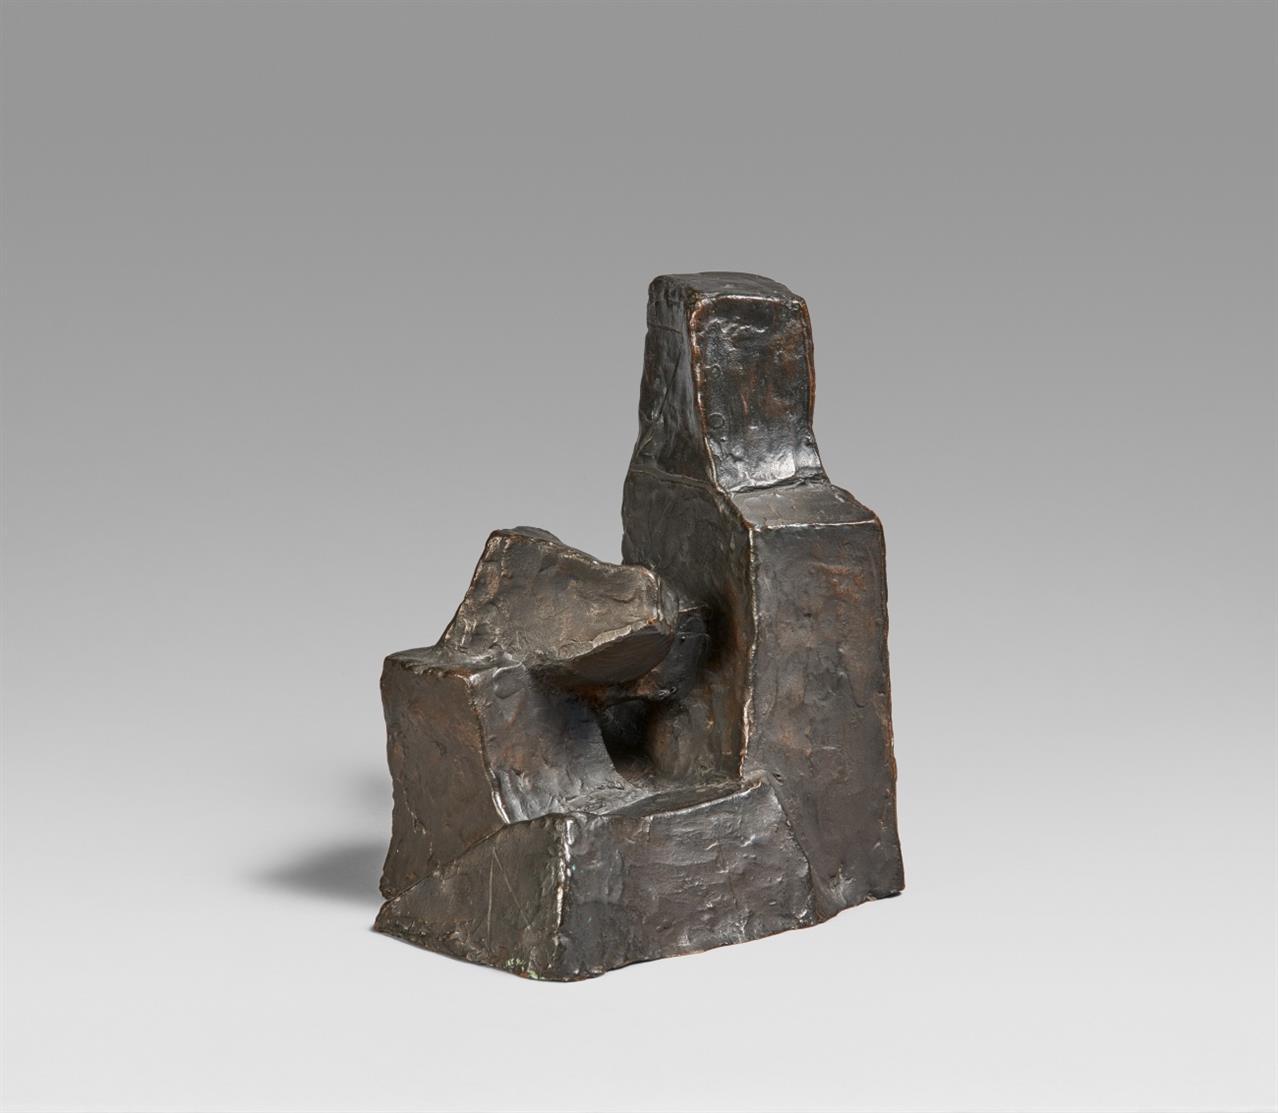 Fritz Wotruba. Kleine sitzende Figur. Signiert. Bronze. Ex. 359.